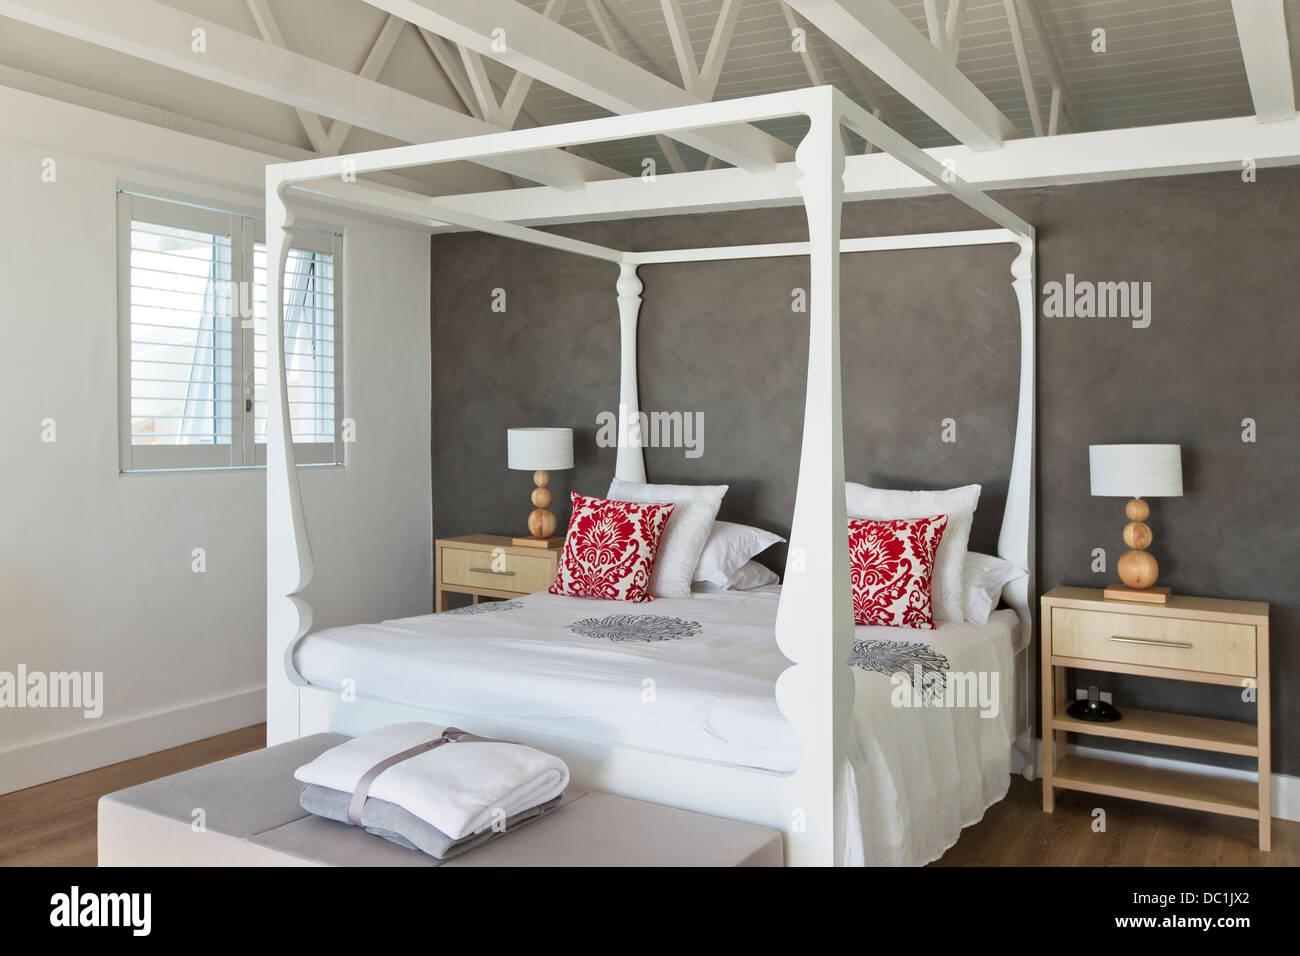 Himmelbett In Luxus Schlafzimmer